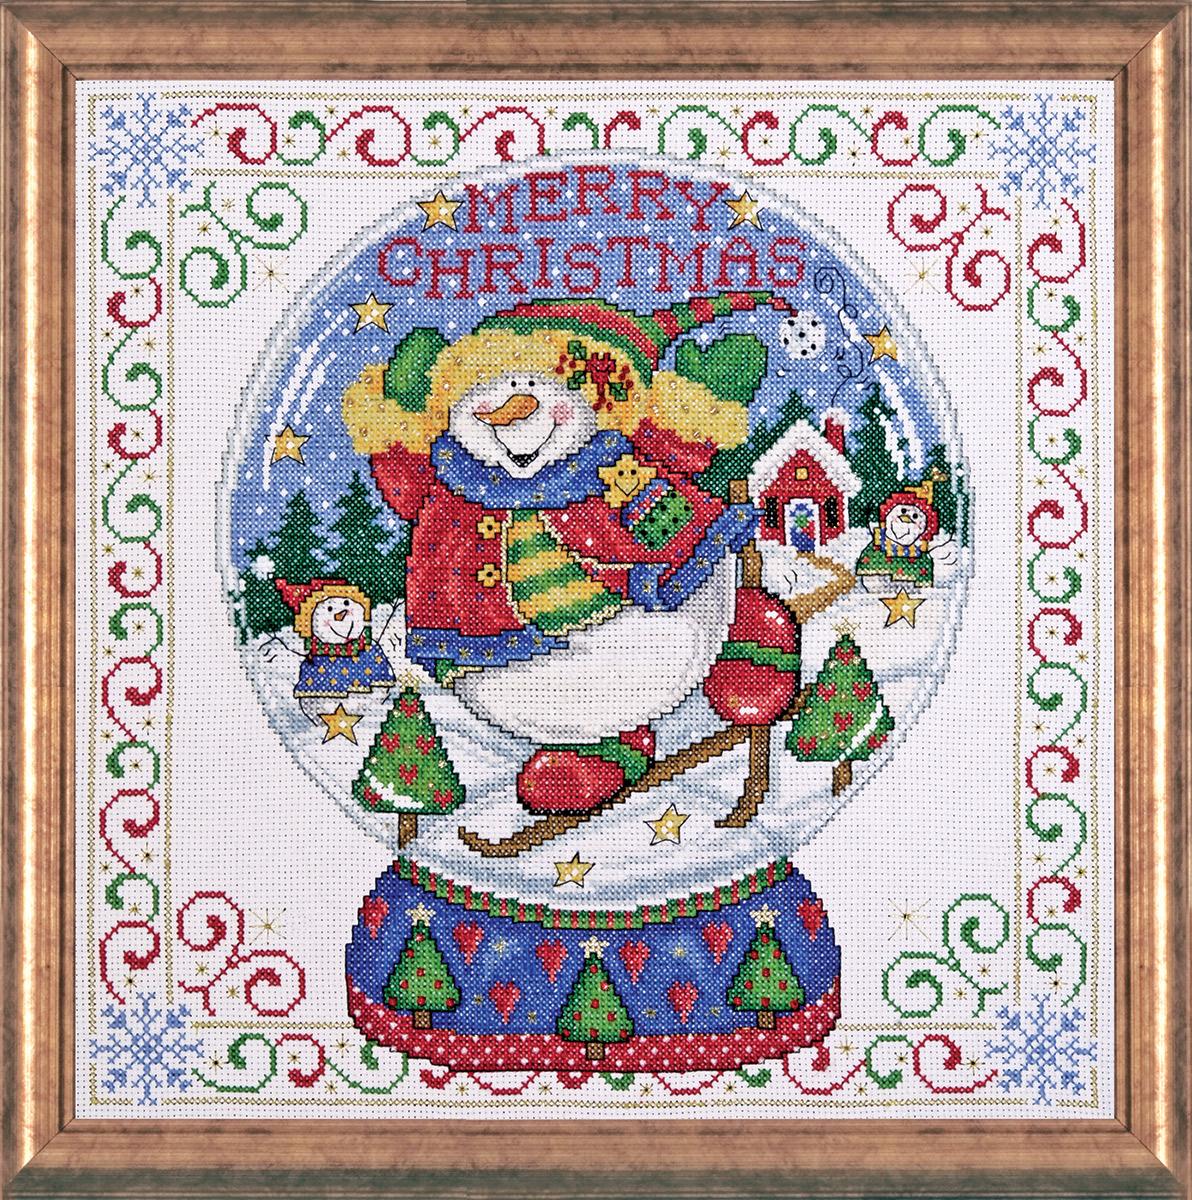 Набор для вышивания крестом Design Works Снежный шар, 30 х 30 см5982Канва Аида 14 (100% хлопок), нитки мулине (100% хлопок), игла, подробная инструкция со схемой вышивки на русском языке